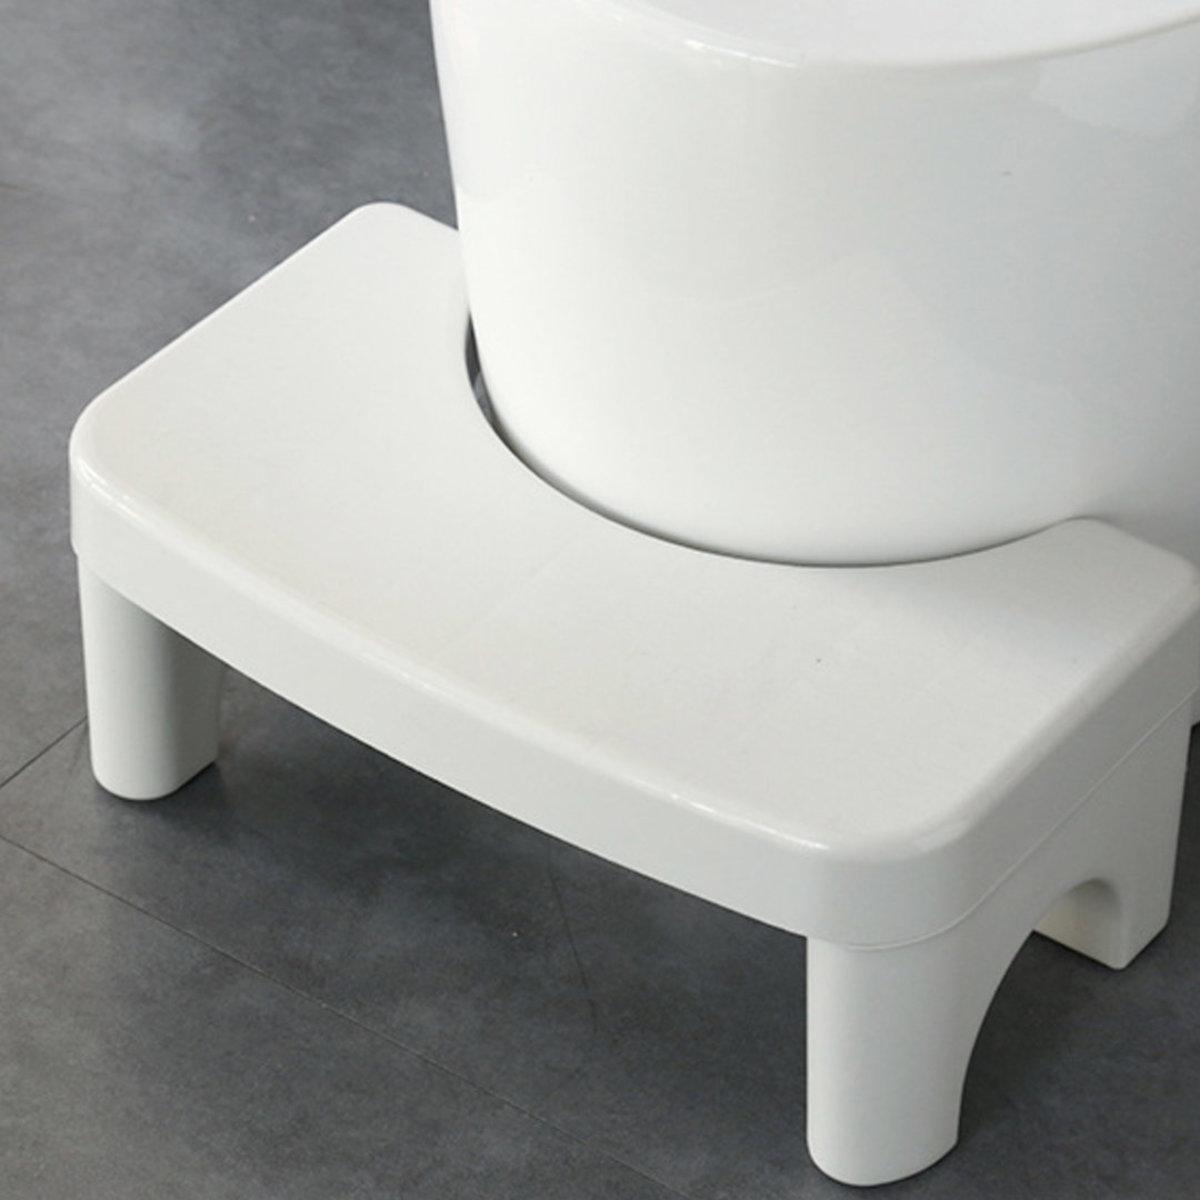 馬桶墊腳凳兒童踏腳凳 防滑成人蹲便凳